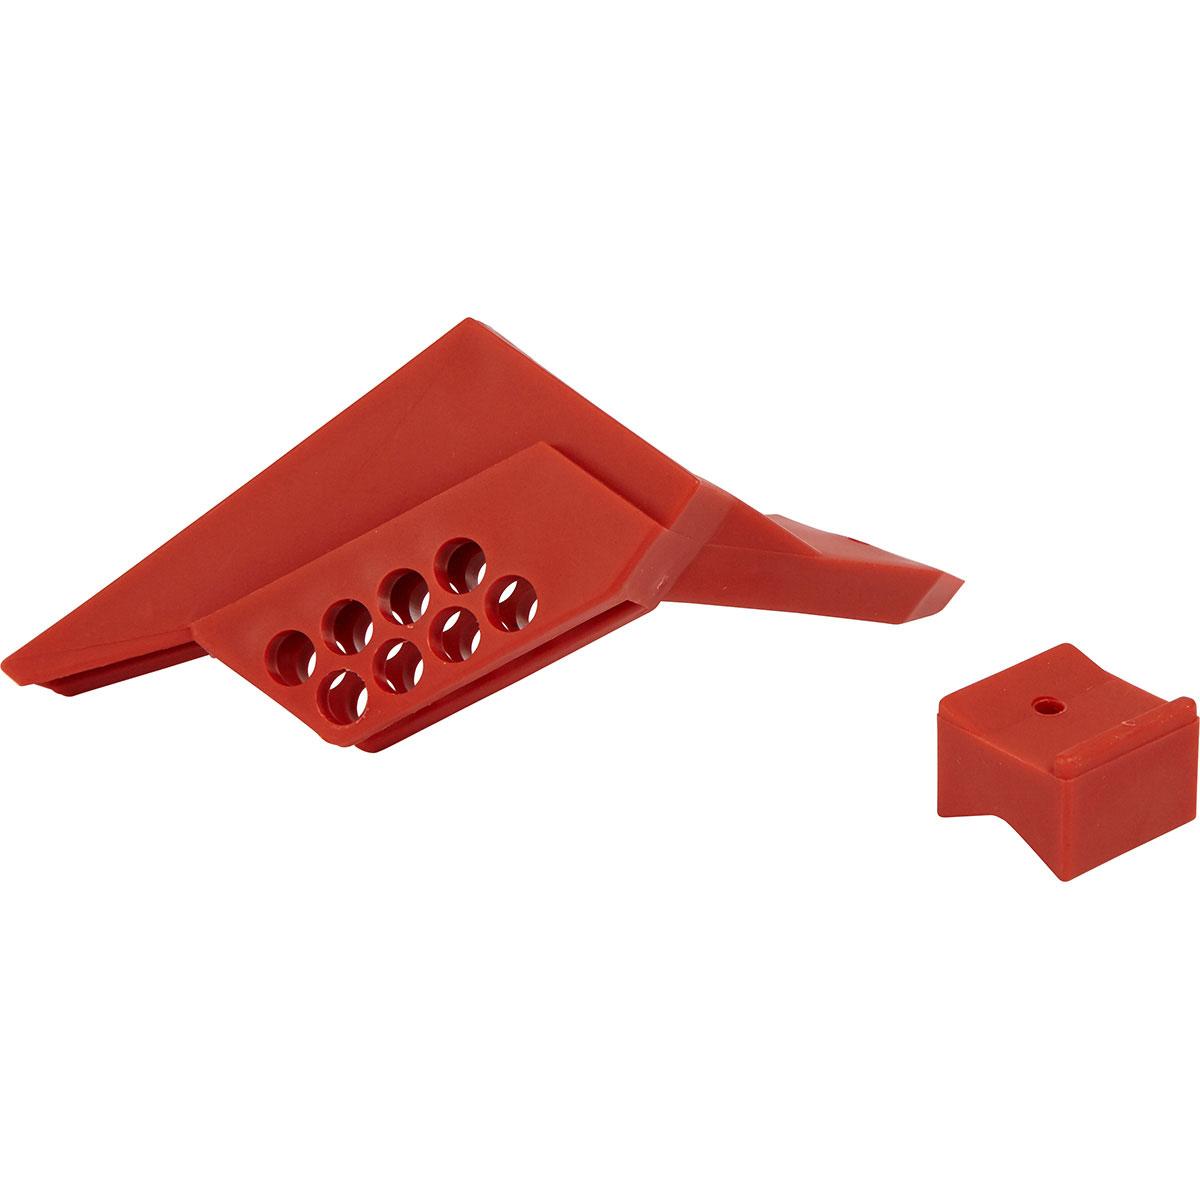 Brady® 65666 Small Ball Valve Lockout, Fits Minimum Pipe Size: 1/4 in, Fits Maximum Pipe Size: 1 in, 8 Padlocks, -20 deg F Min, 250 deg F max